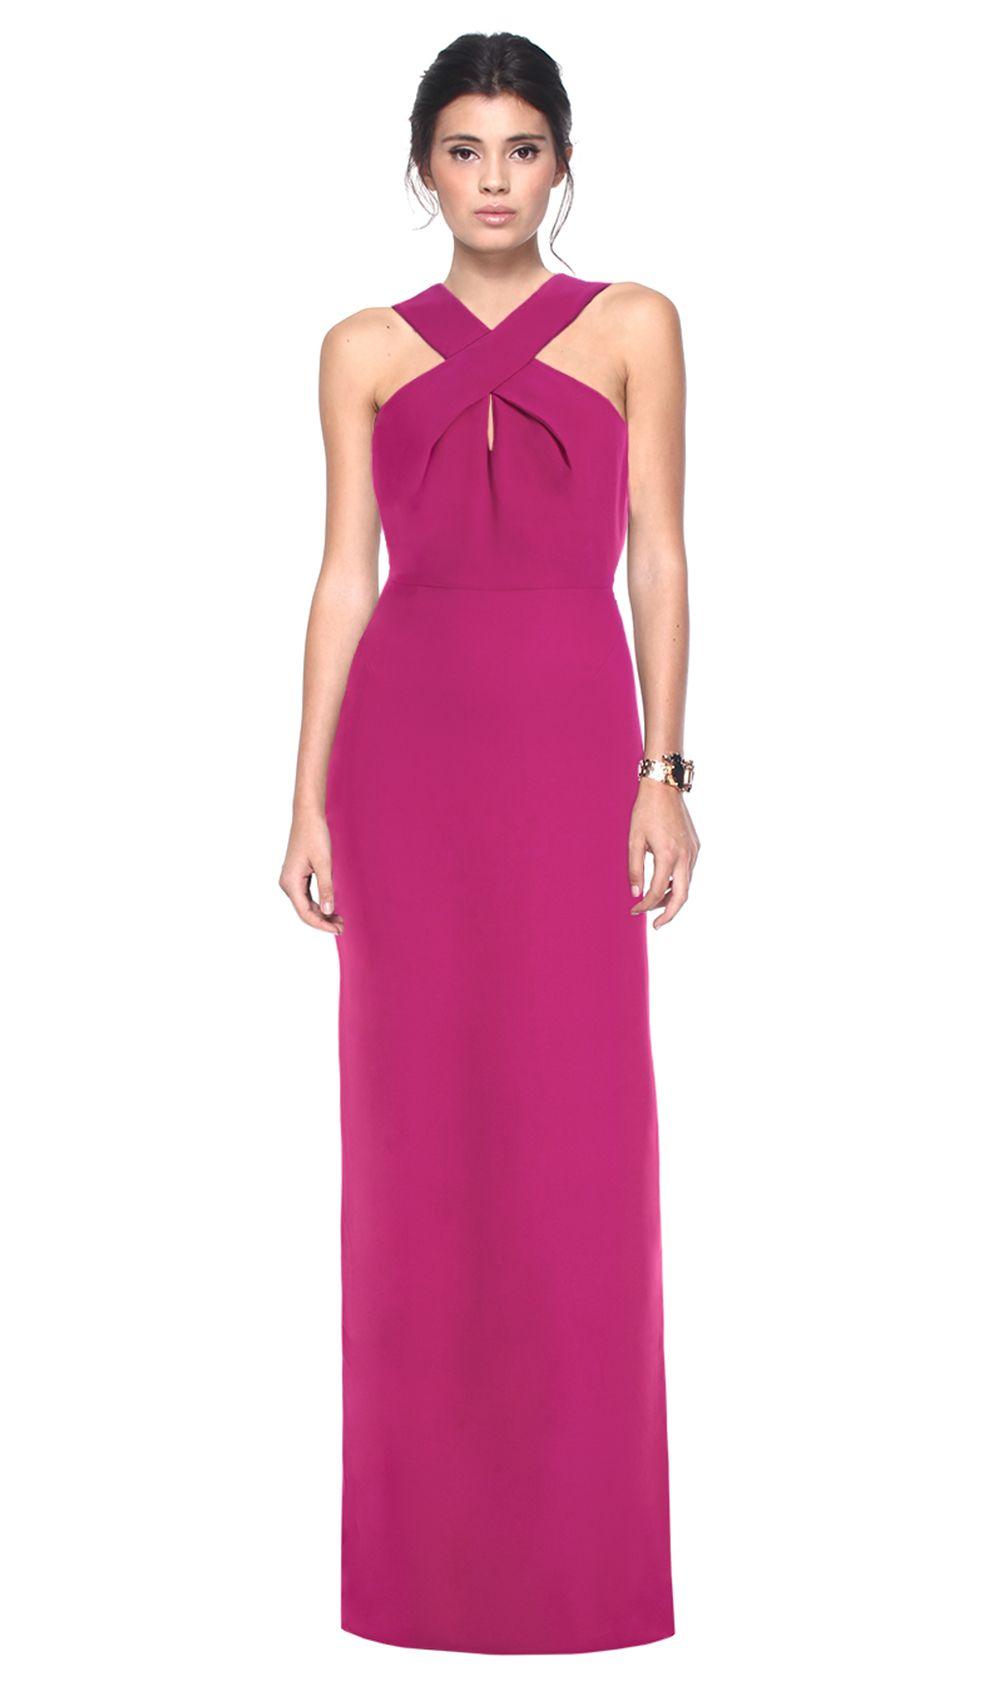 Vestido Longo Rosa em seda | Estilo | Pinterest | Vestiditos, Alta ...